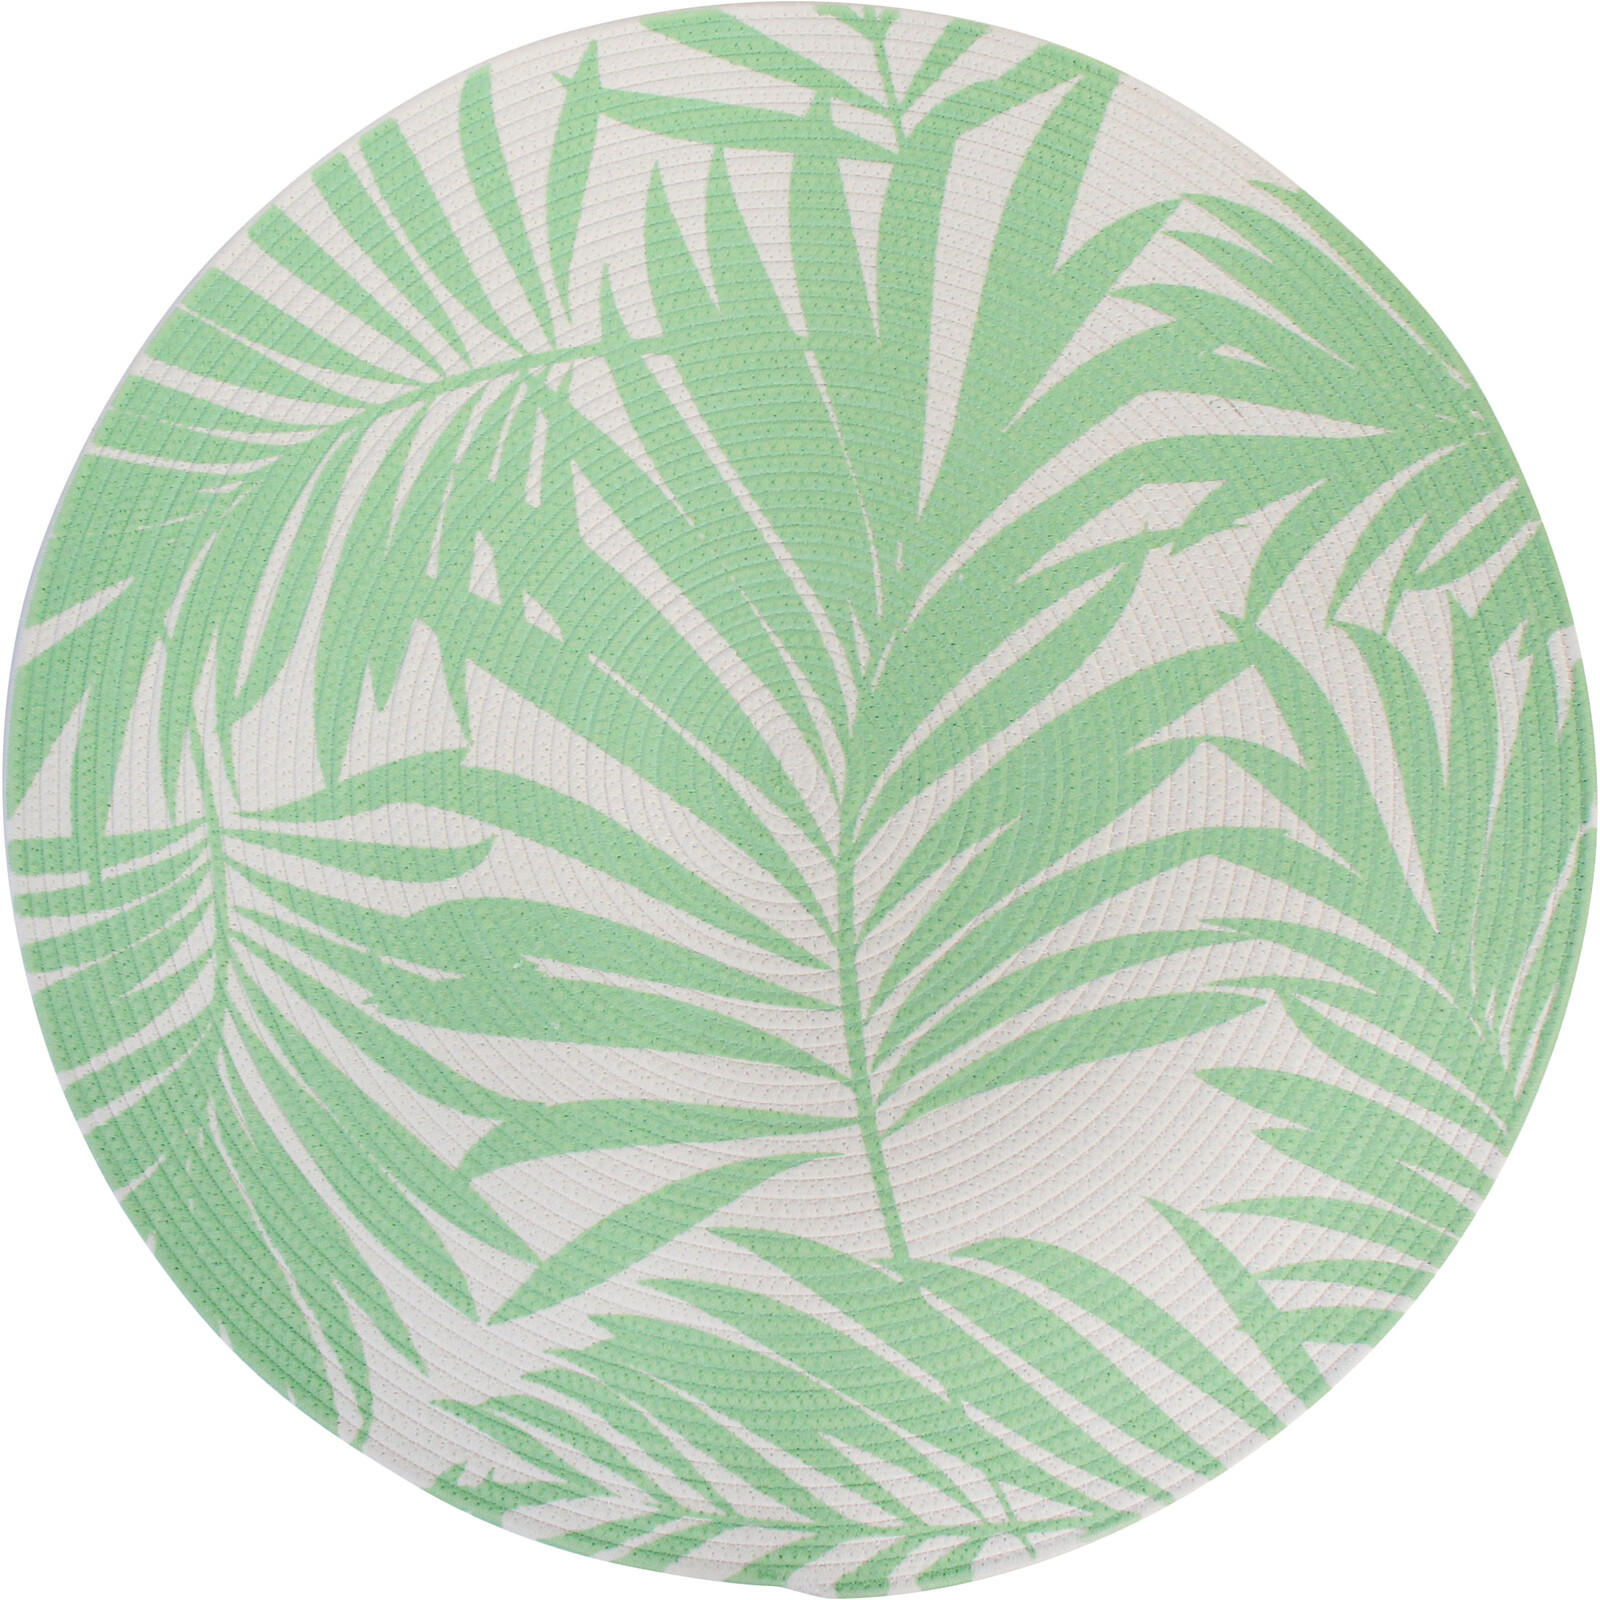 Mat 80cm Leaf Green